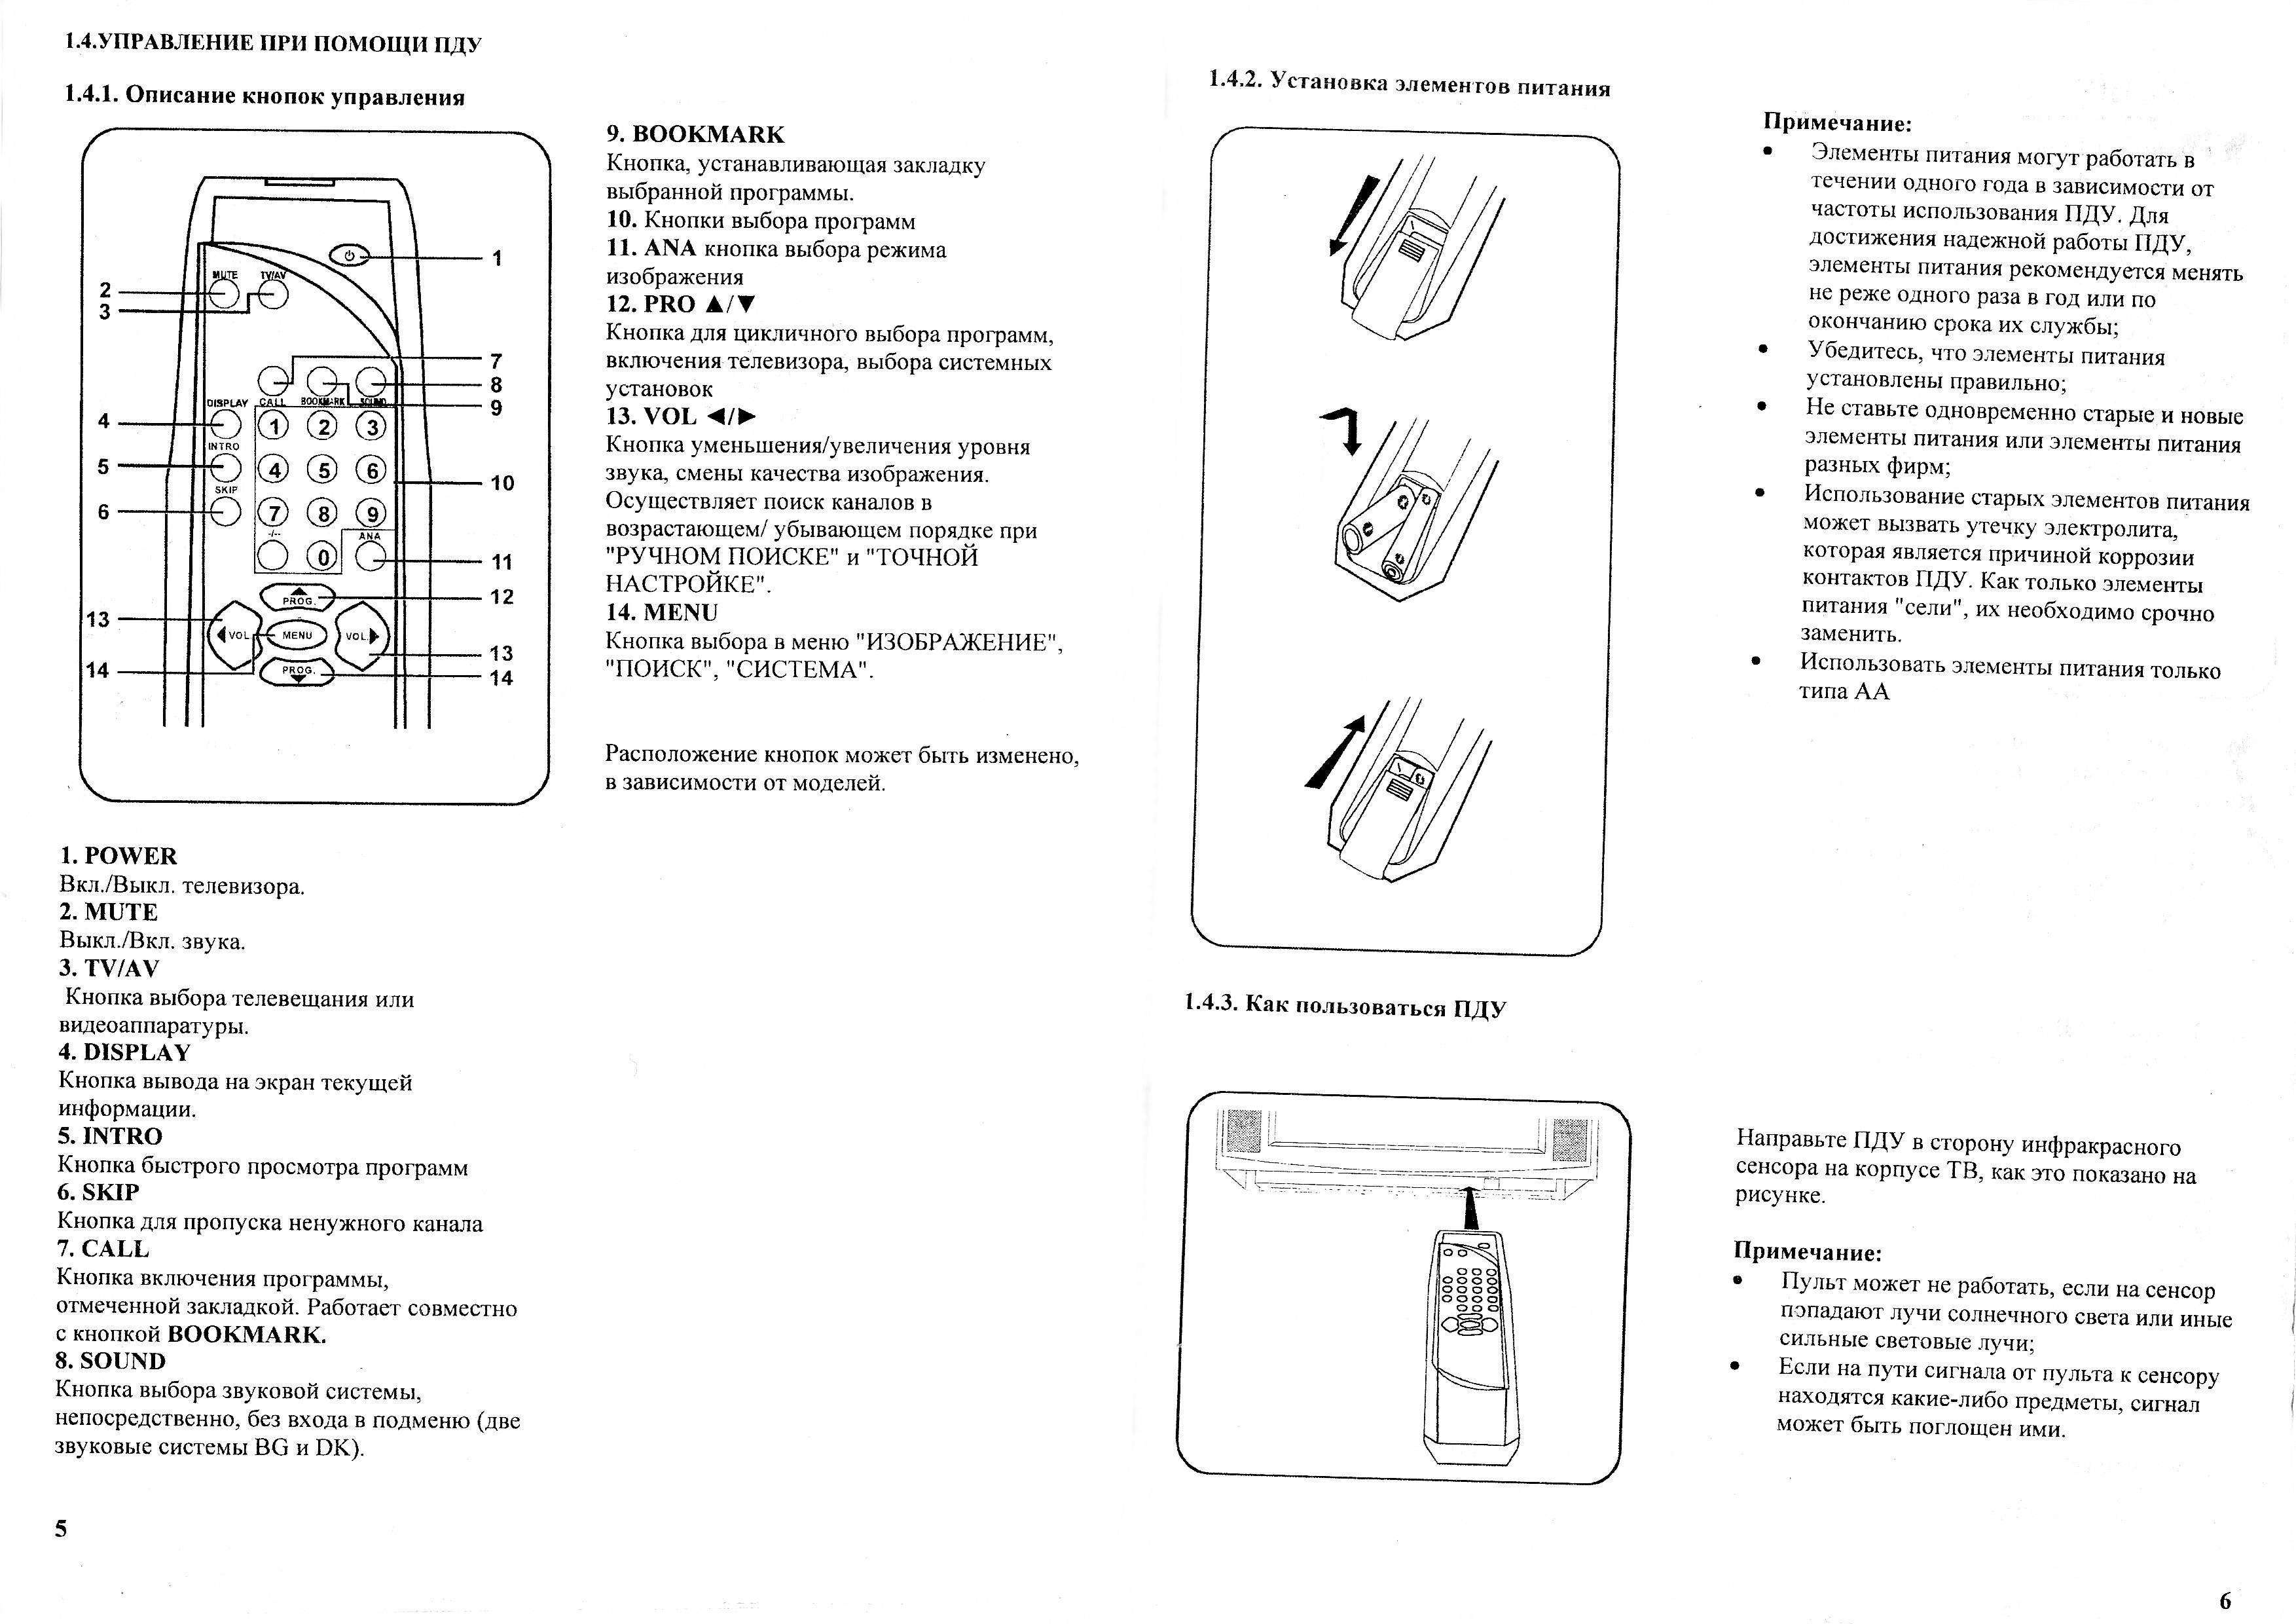 Инструкция телевизора AVEST 72ТЦ-02